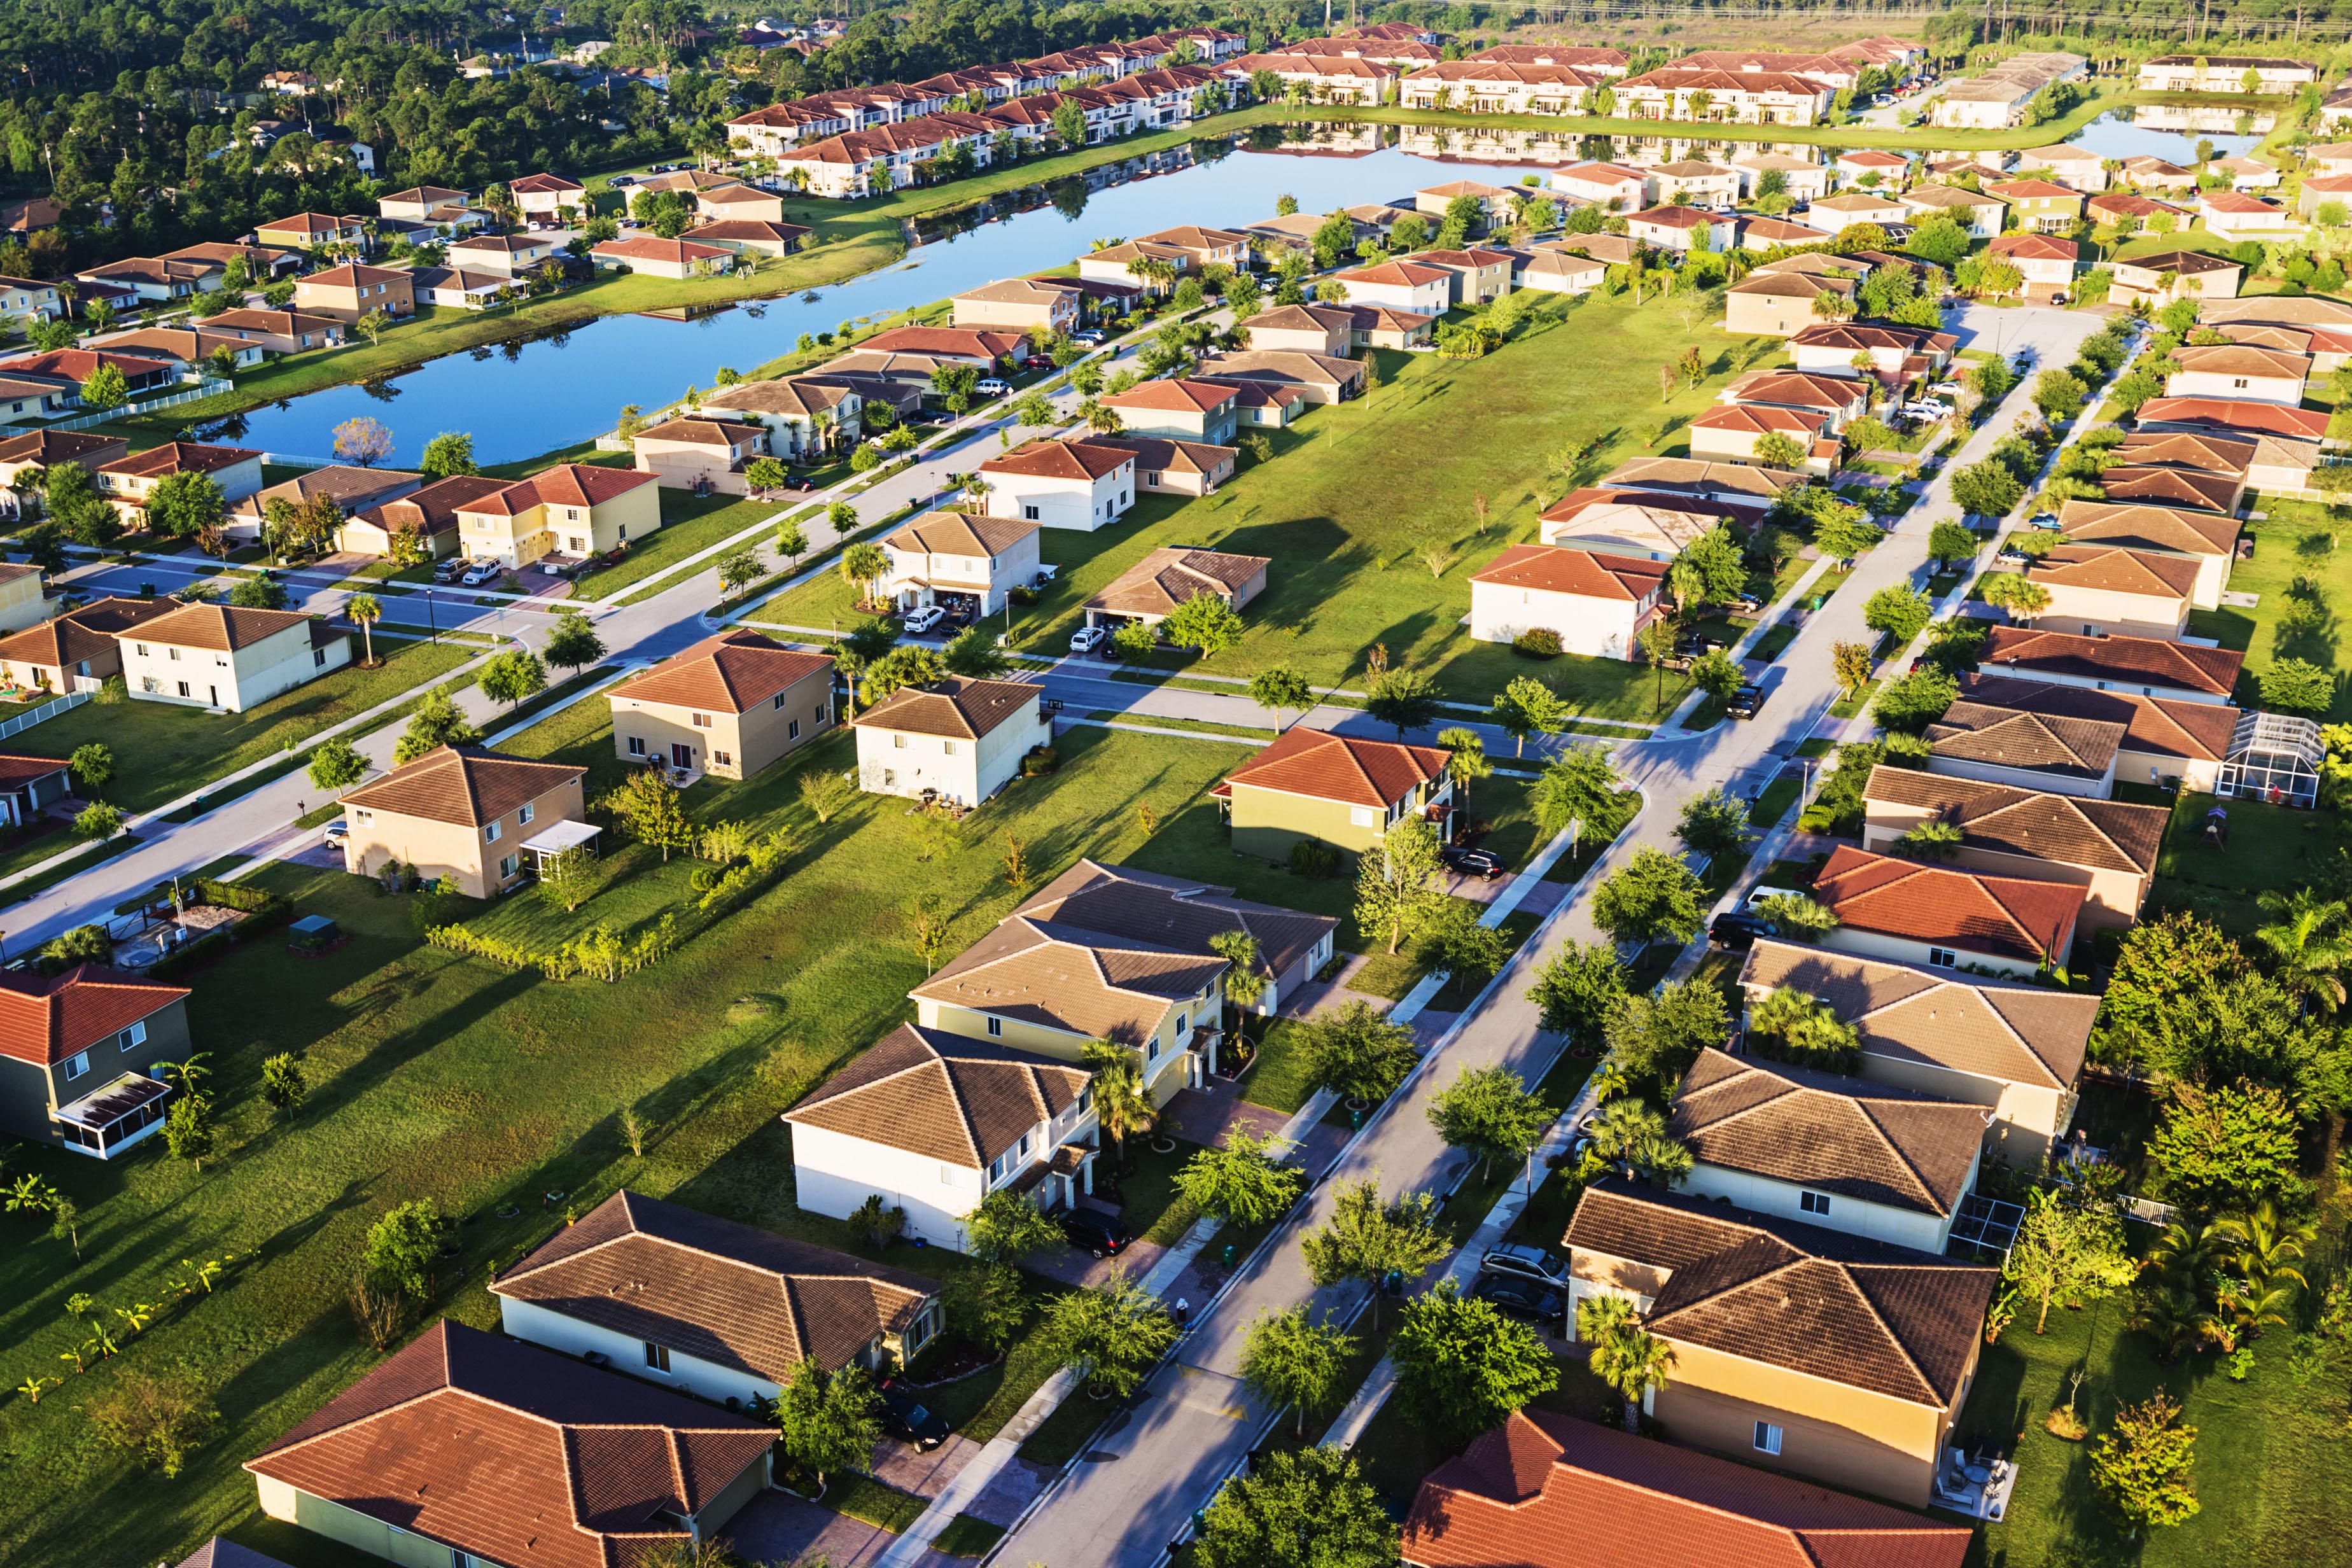 Người Mỹ trong cuộc chuyển giao tài sản lớn nhất lịch sử thế giới hiện đại?